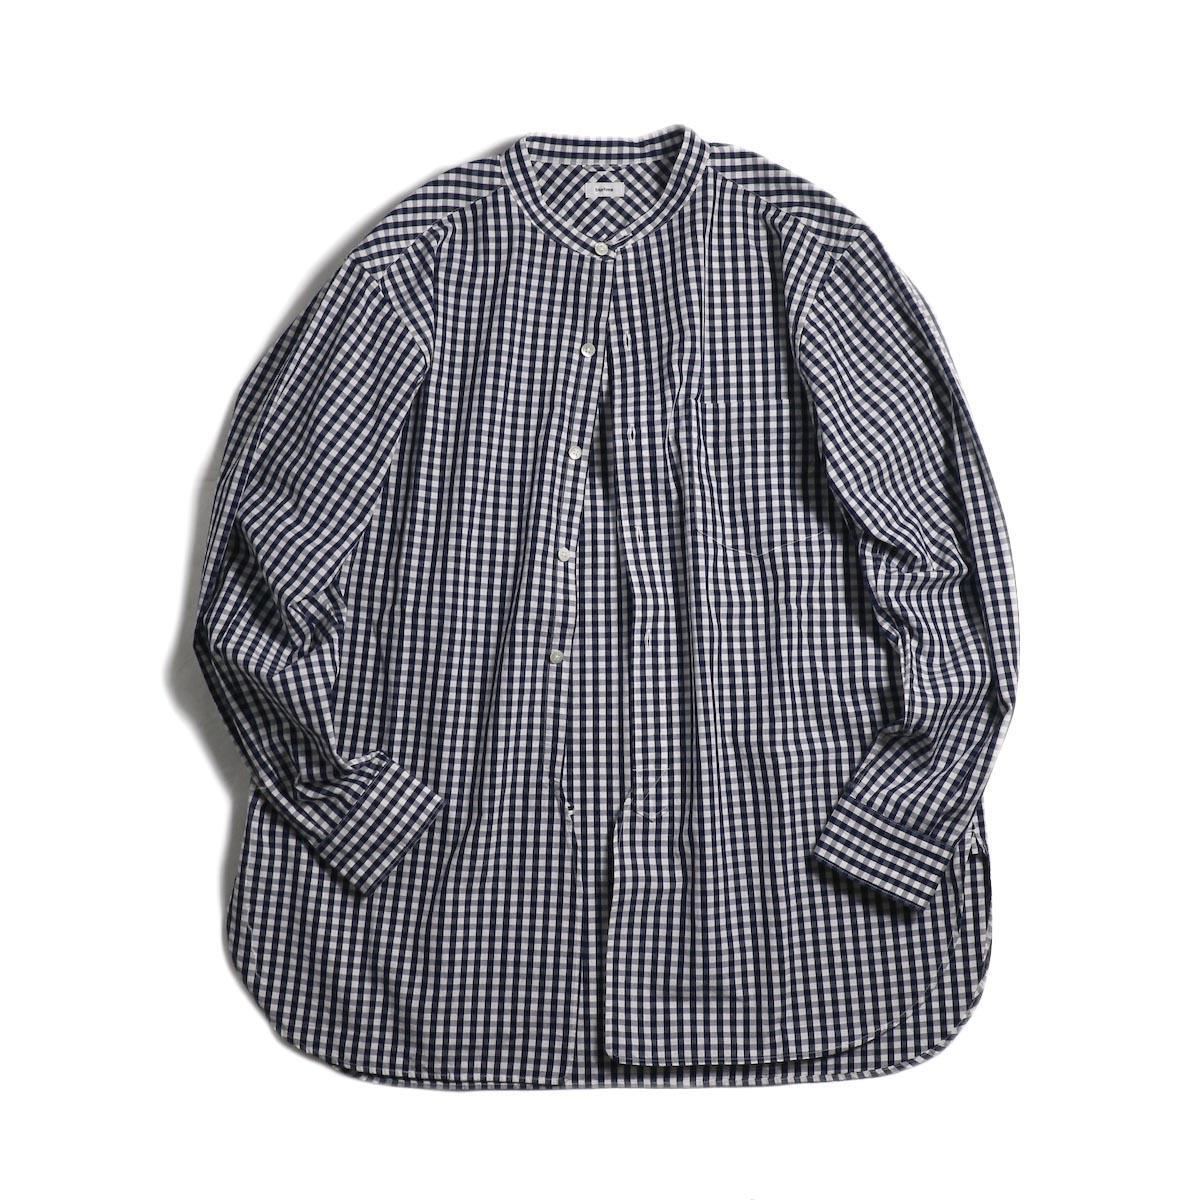 blurhms / Polish Chambray Band Collar Shirt L/S -GMCH-Navy 正面